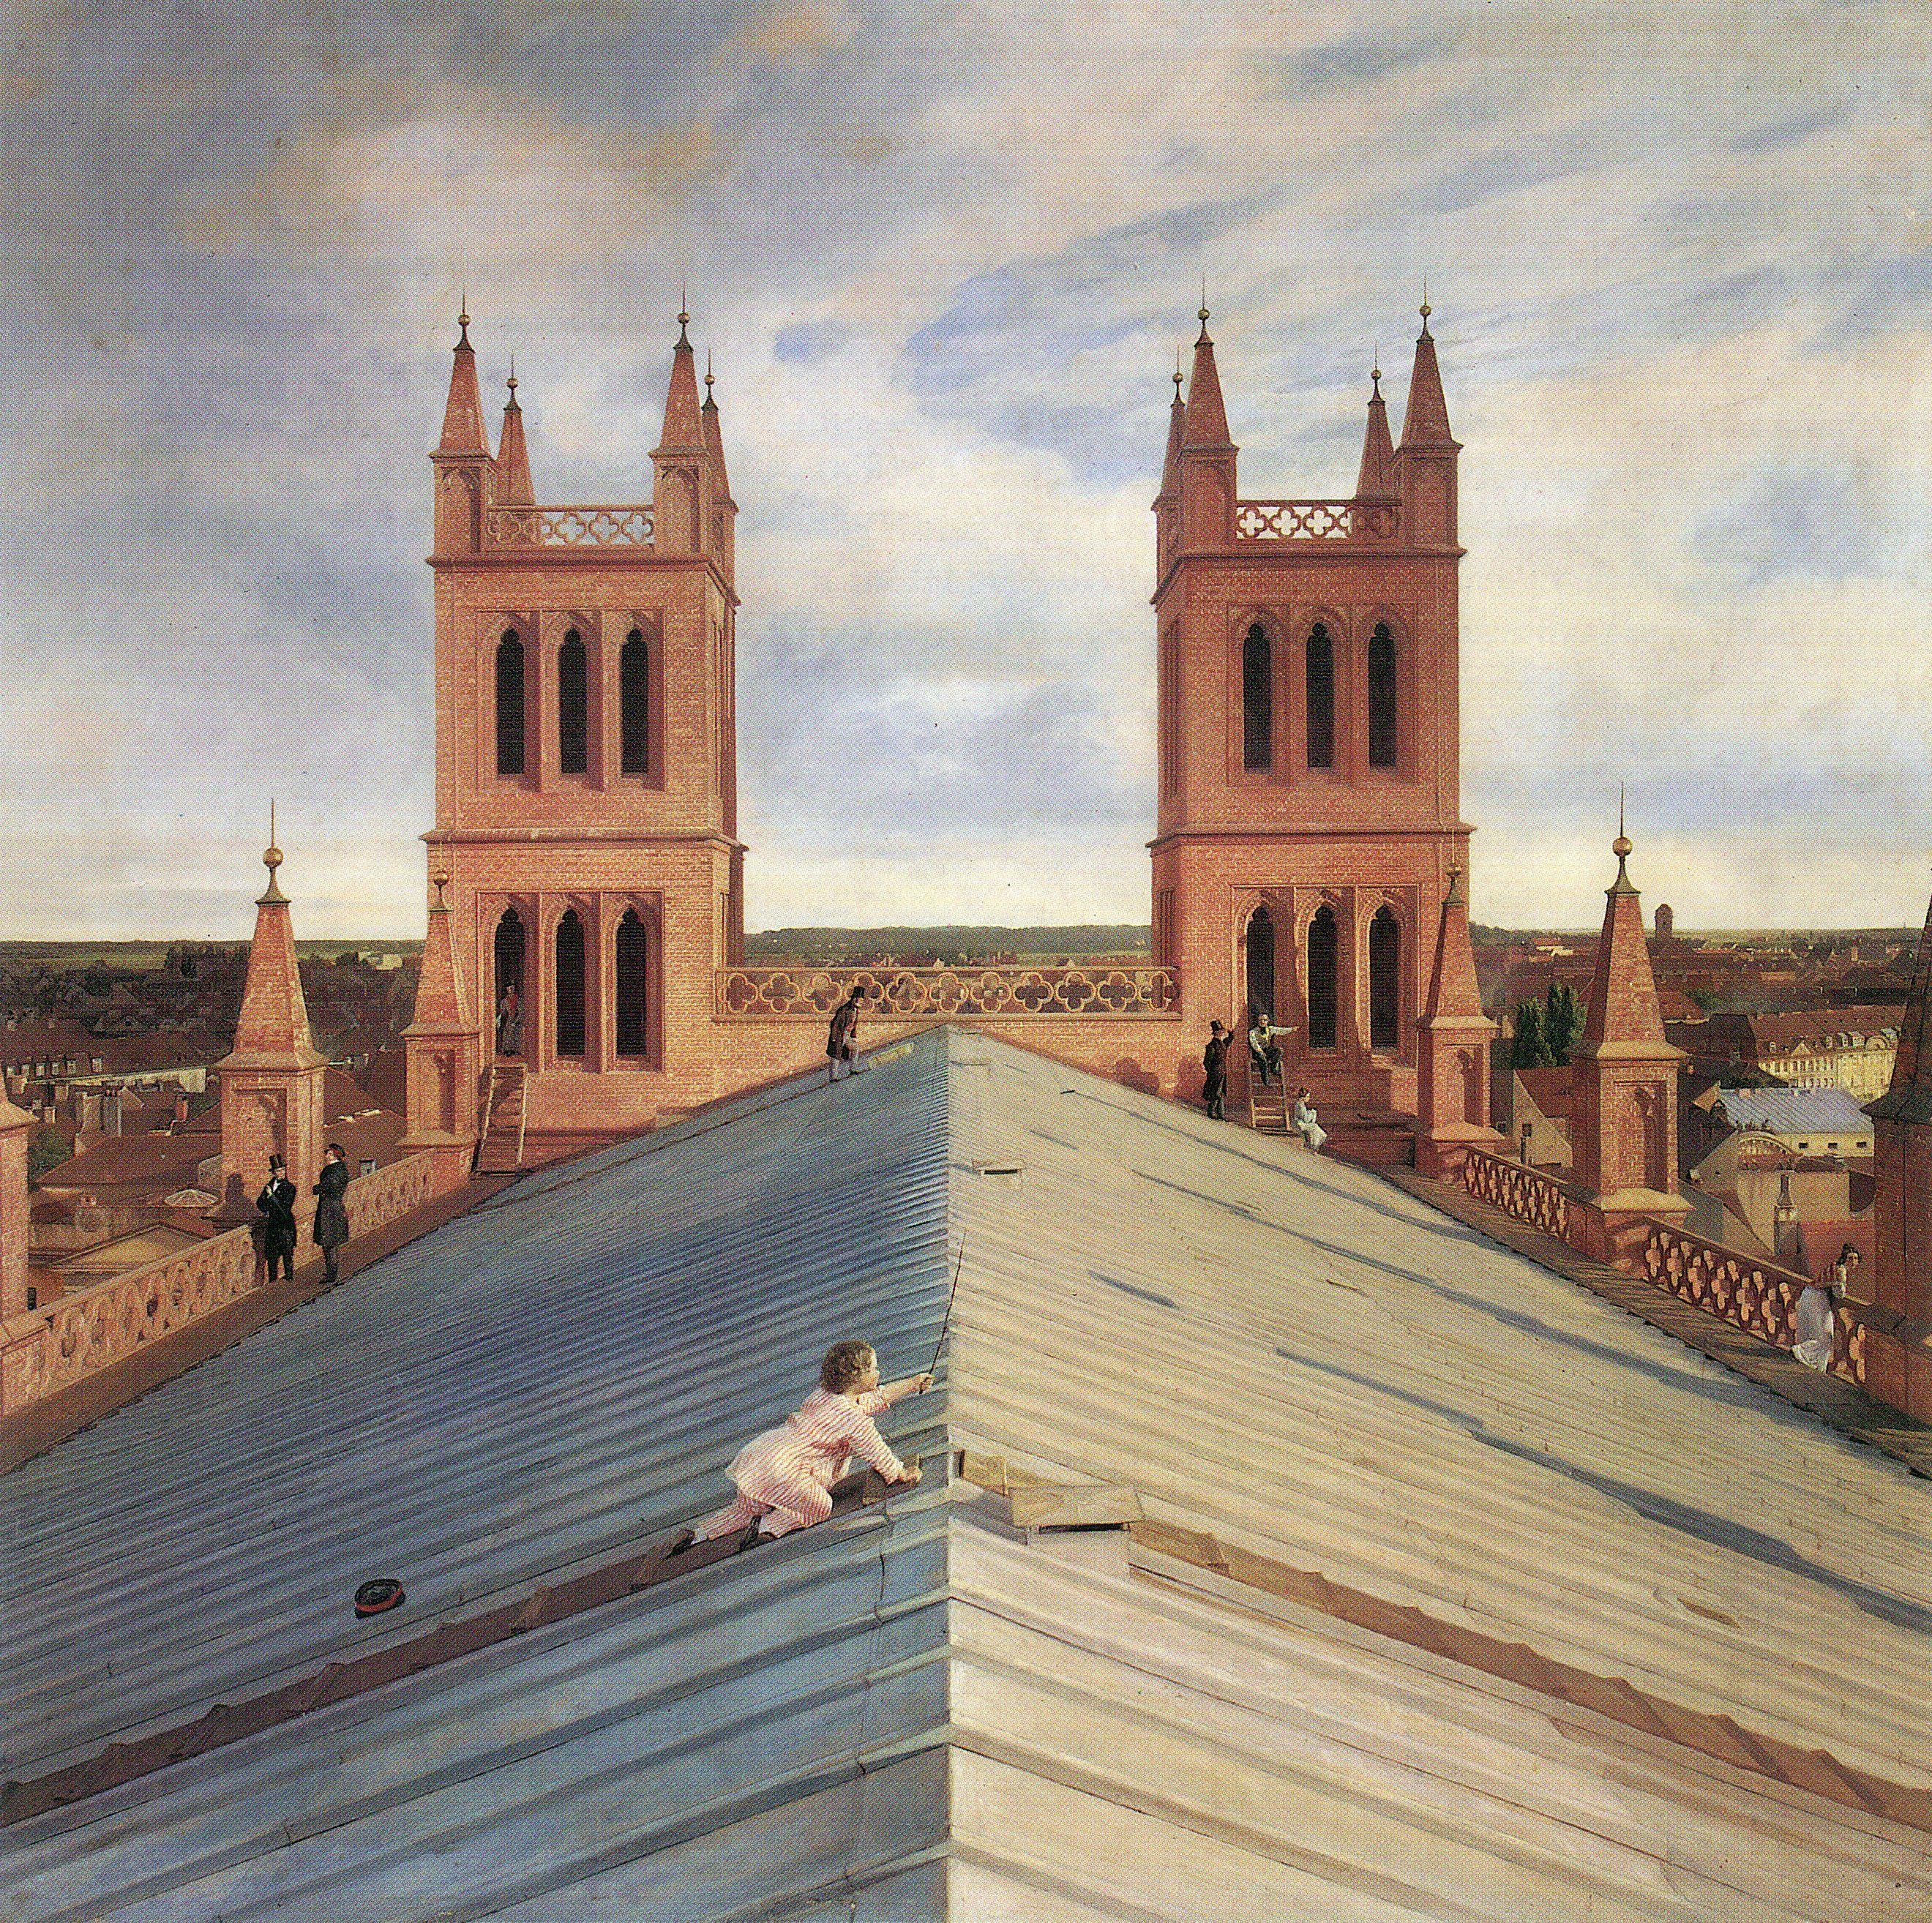 Eduard Gärtner. Panorama von Berlin vom Dach der Friedrichswerderschen Kirche aus. 1834